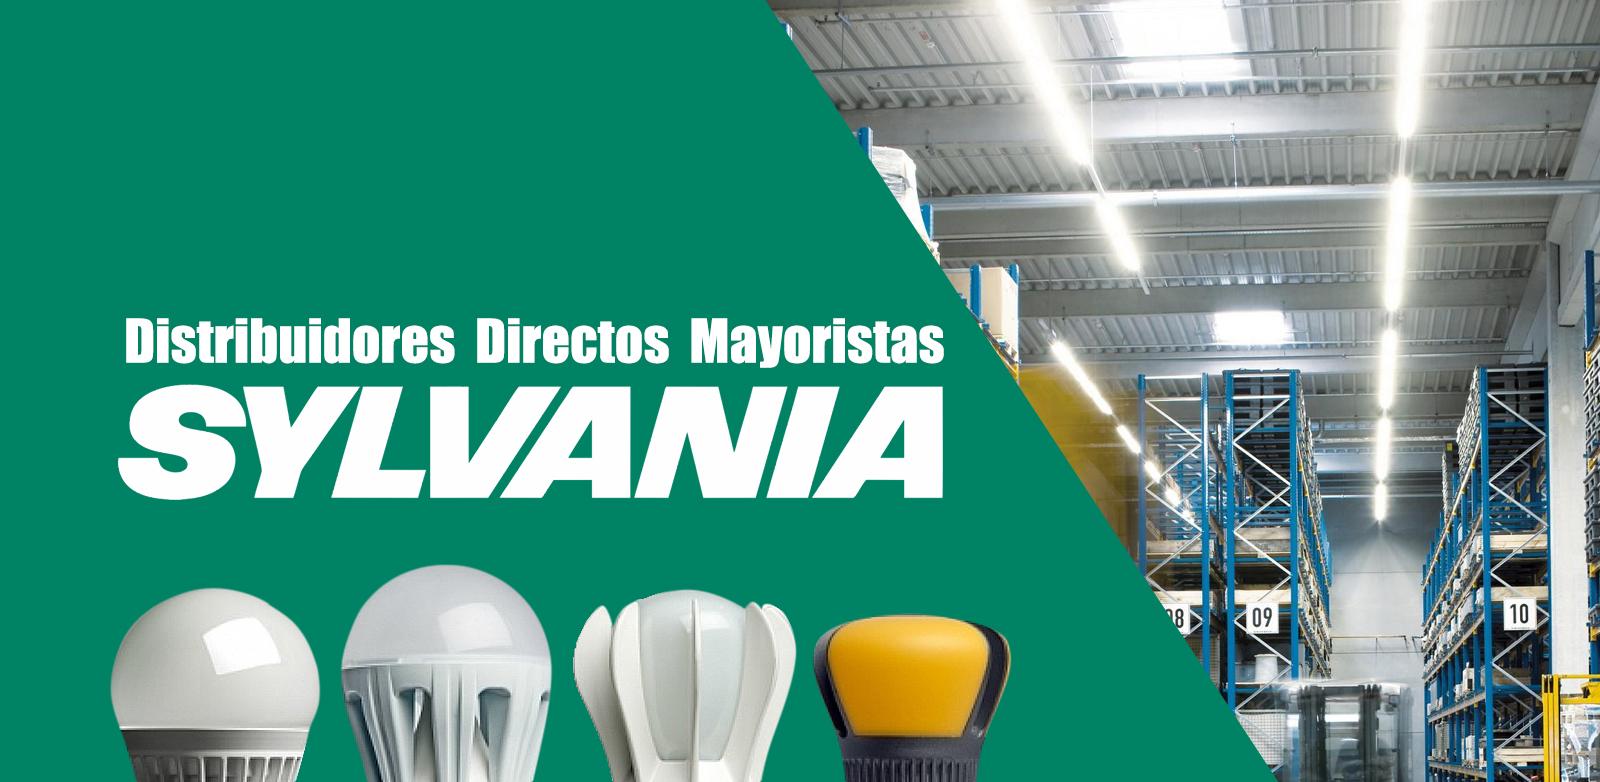 SYLVANIA - Distribuidores Directos Mayoristas - Bogota